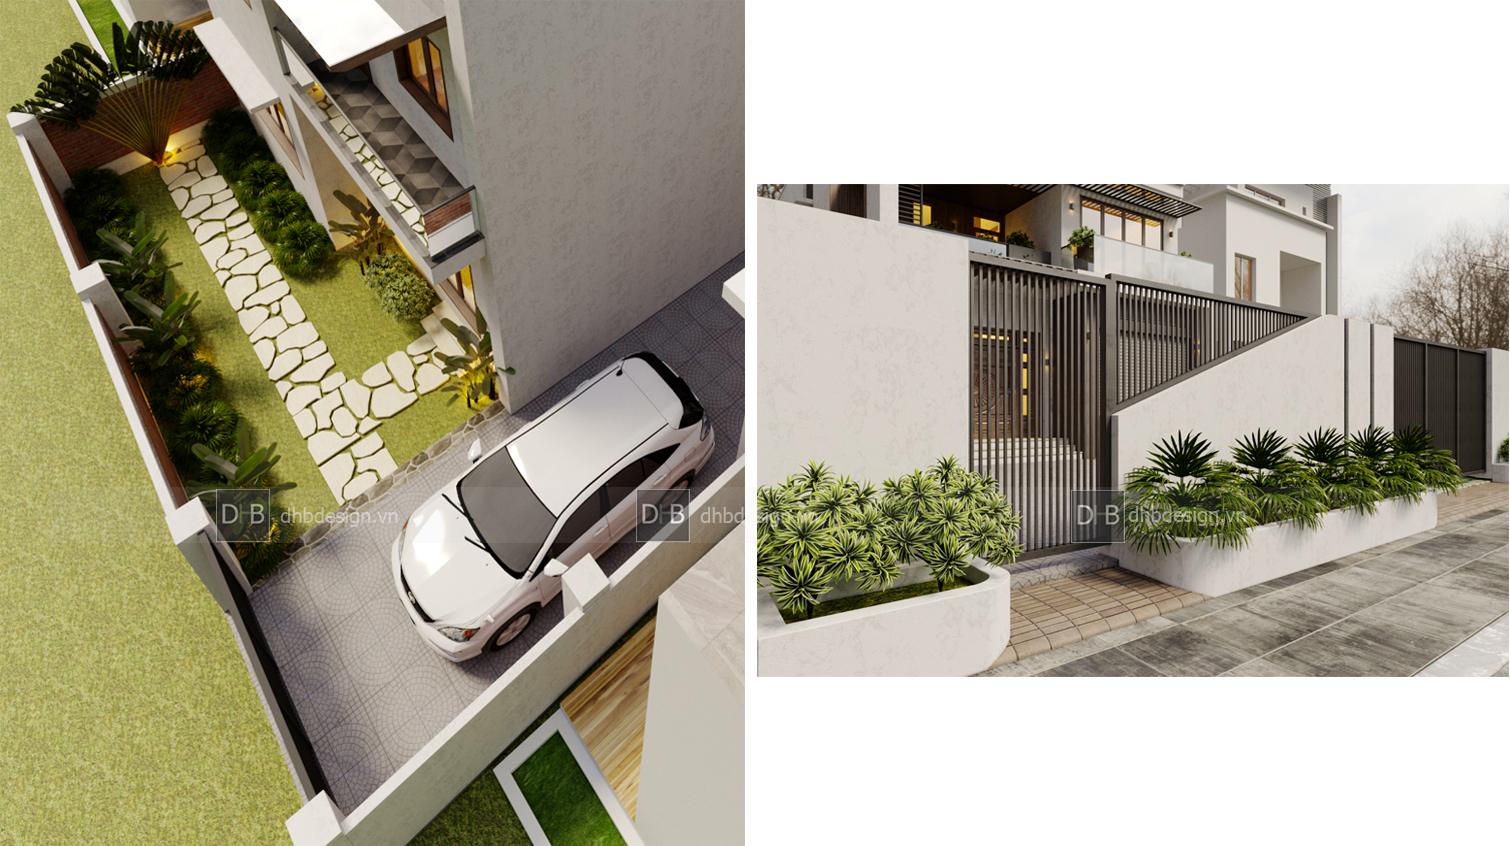 thiết kế Biệt Thự 3 tầng tại Hà Nội Biệt Thự Phố 4 1553137924